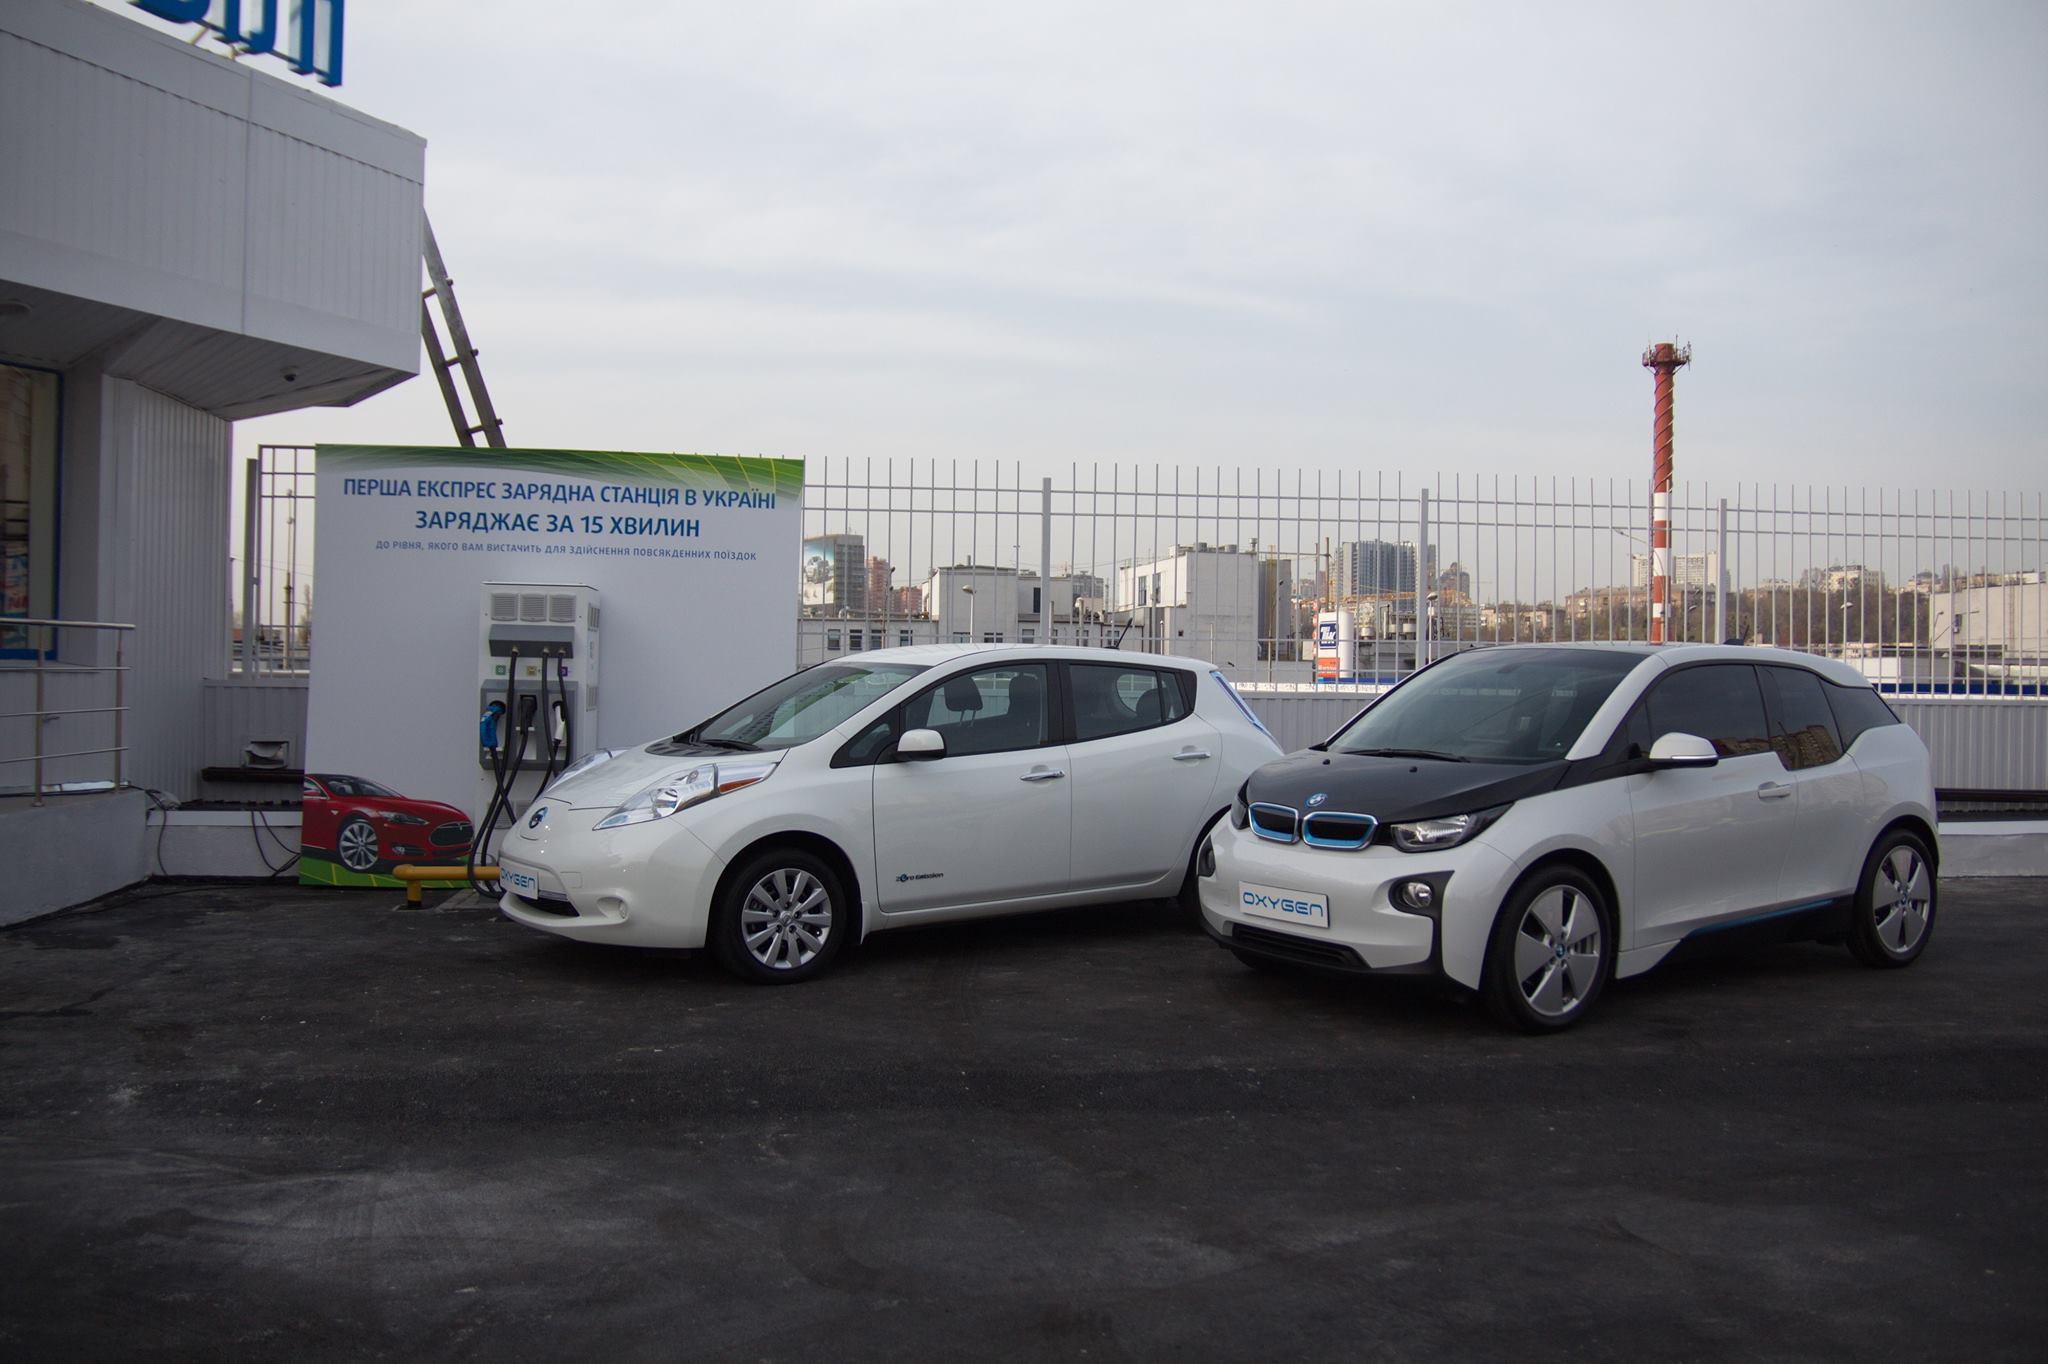 В Киеве установили первую станцию быстрой зарядки электромобилей